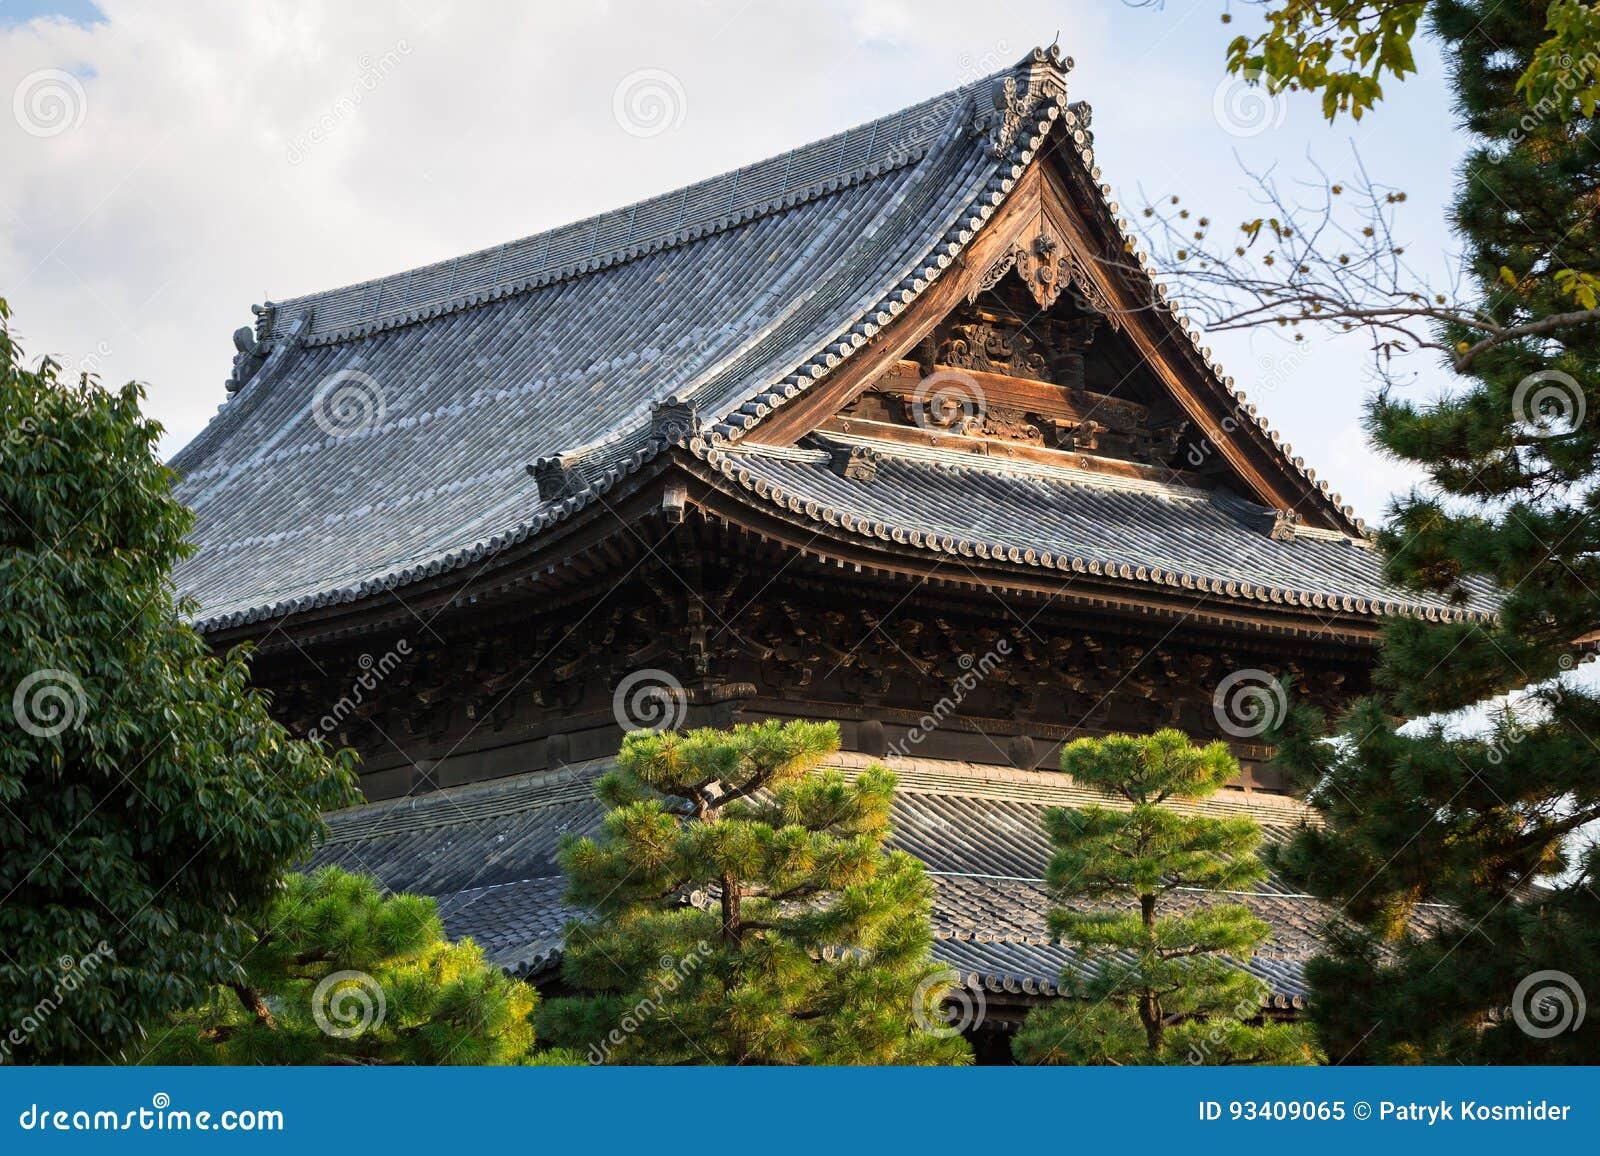 traditionelles japanisches dach stockbild bild 93409065